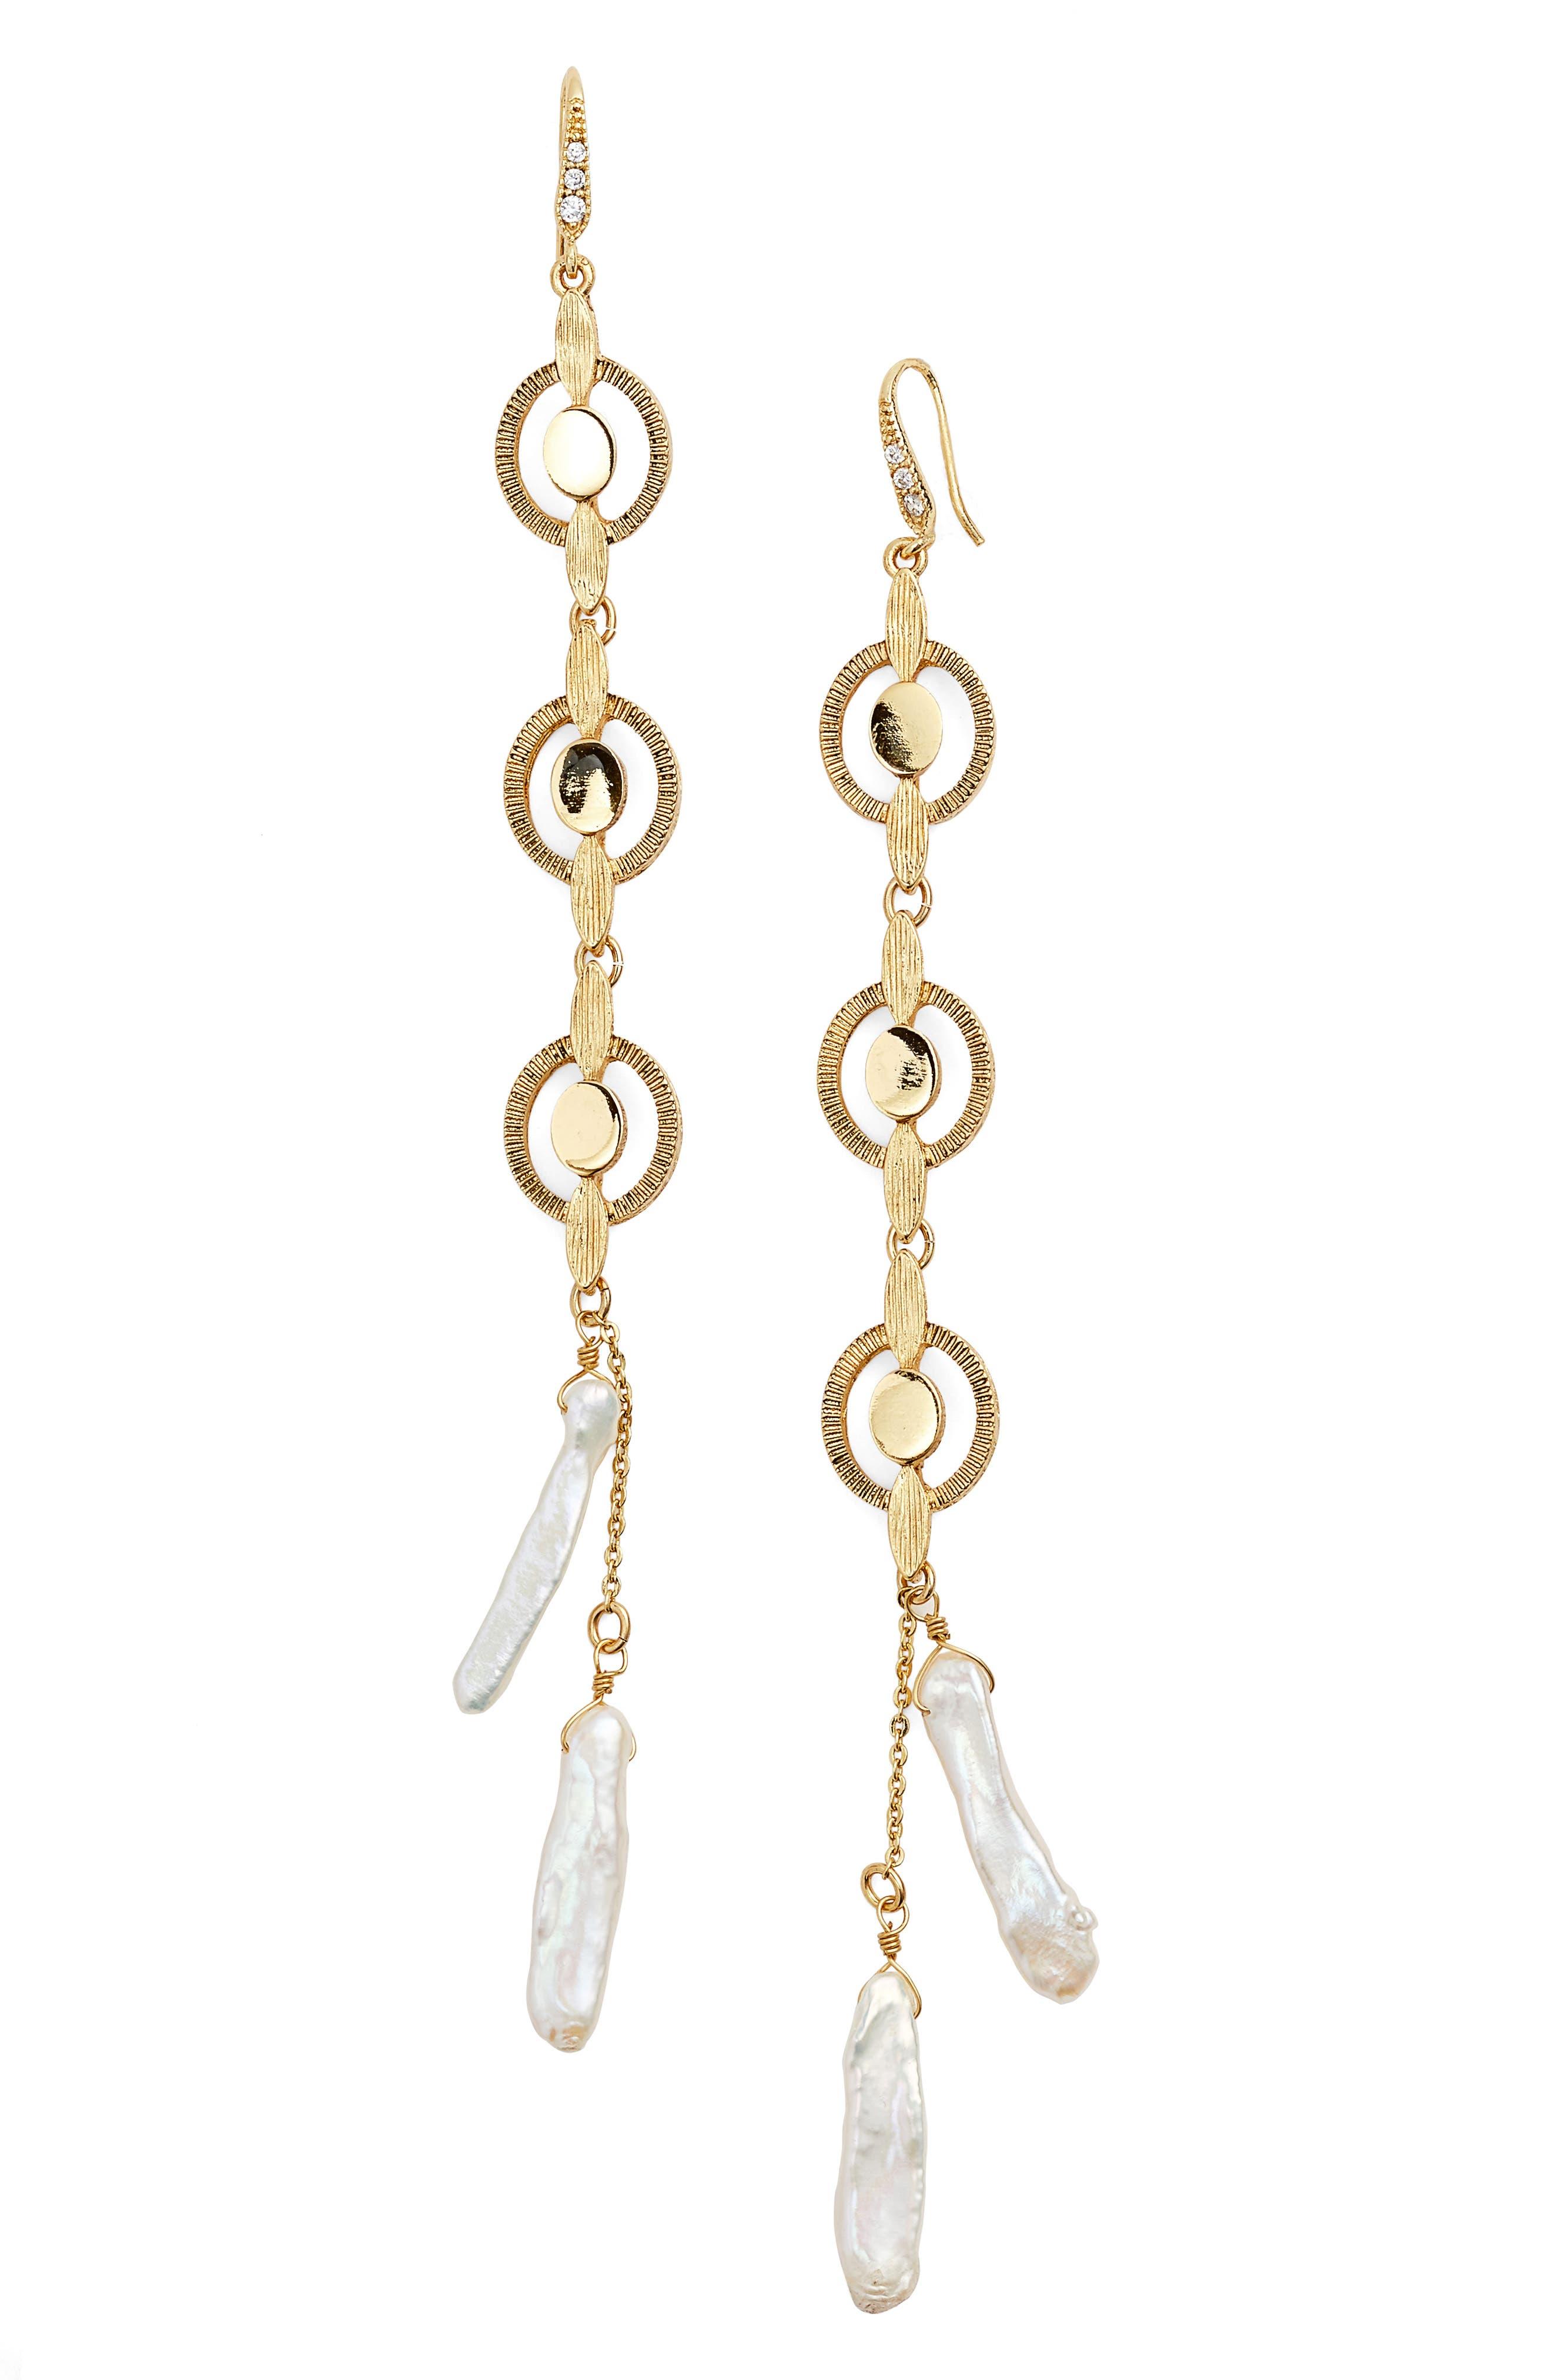 Main Image - Badgley Mischka Katie Freshwater Pearl Linear Drop Earrings